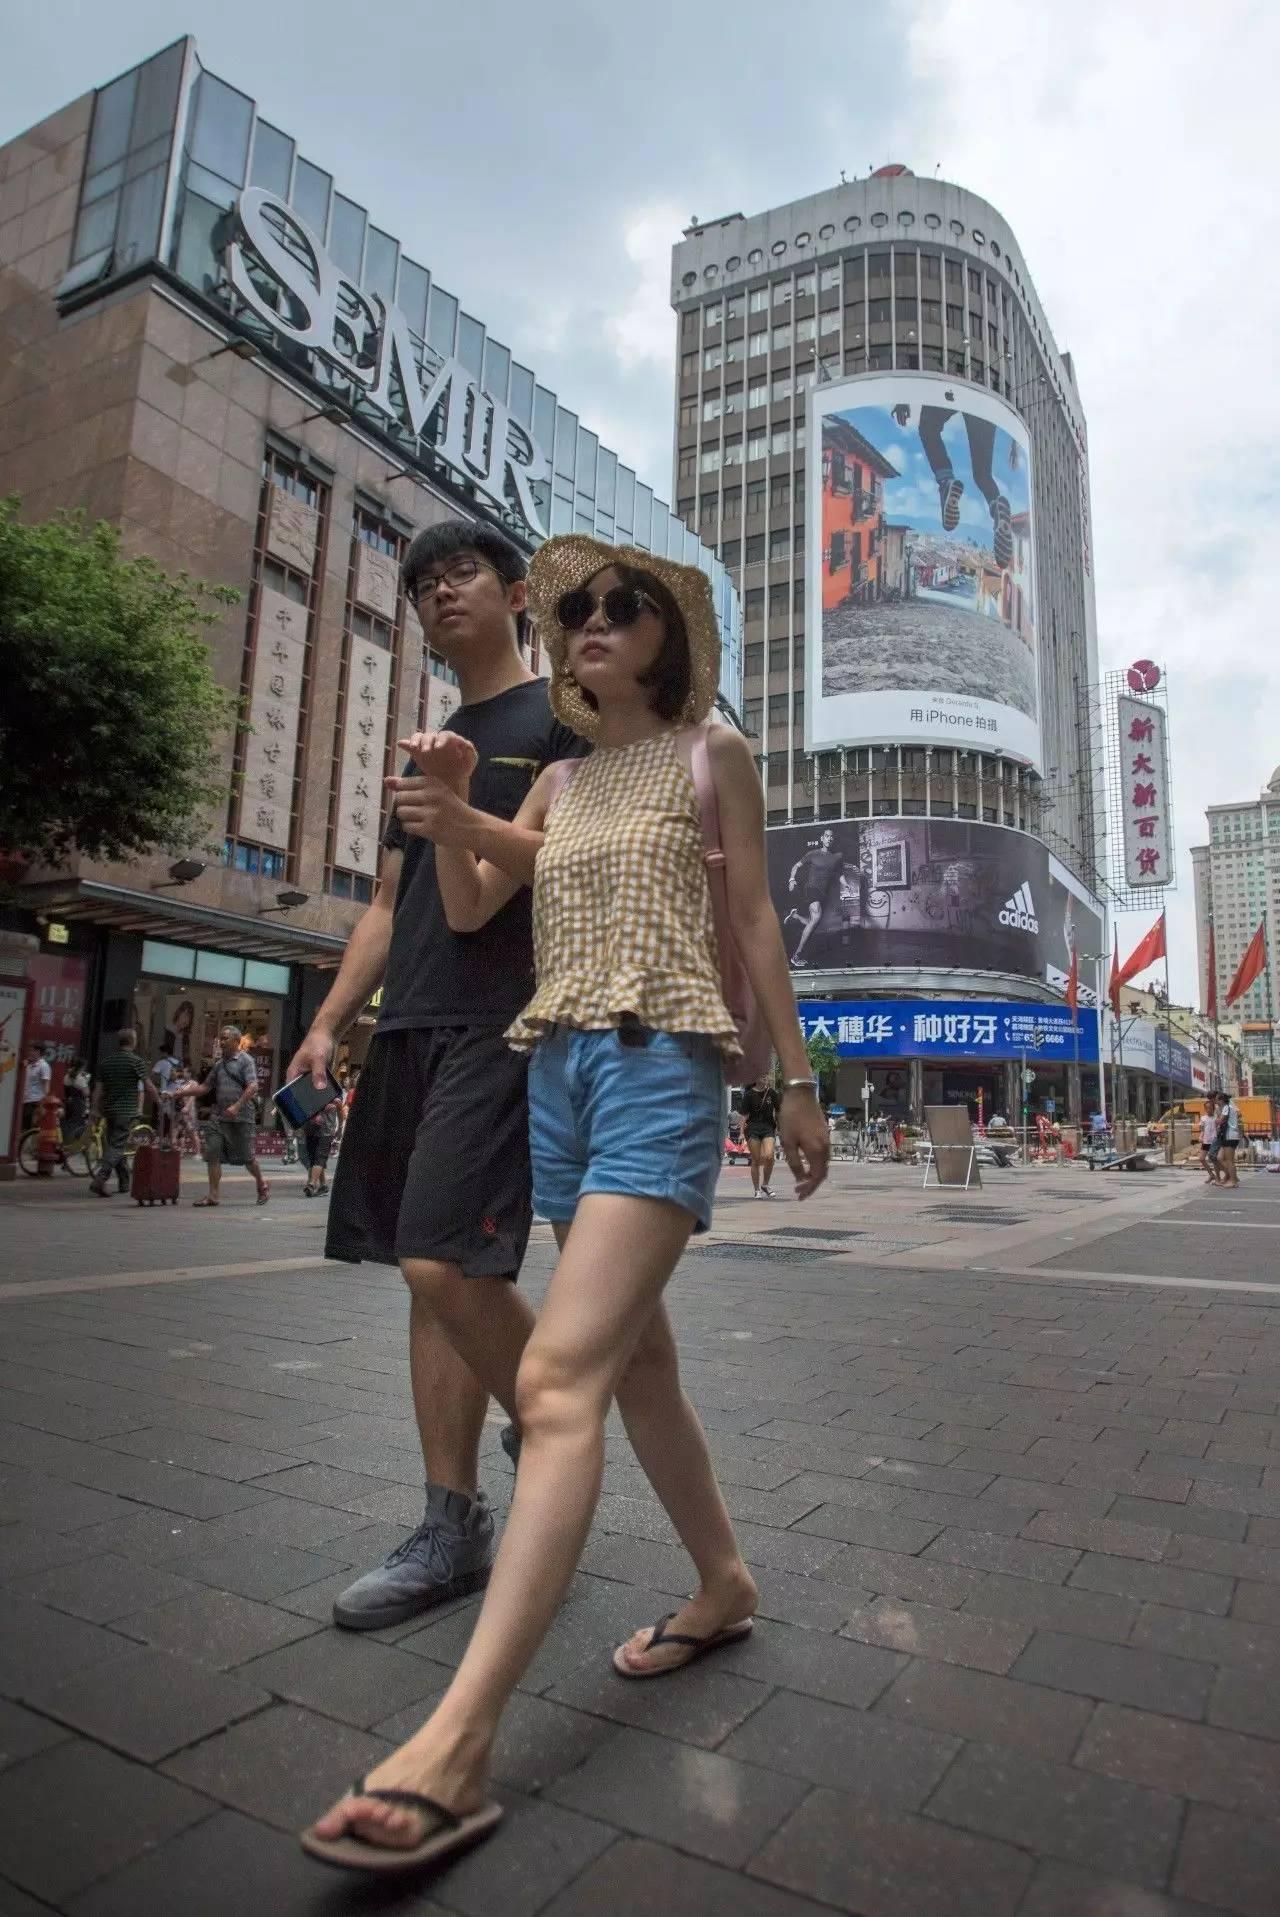 【人在广州】广州街头发型多,环肥燕瘦靓女好身材性感美女图片